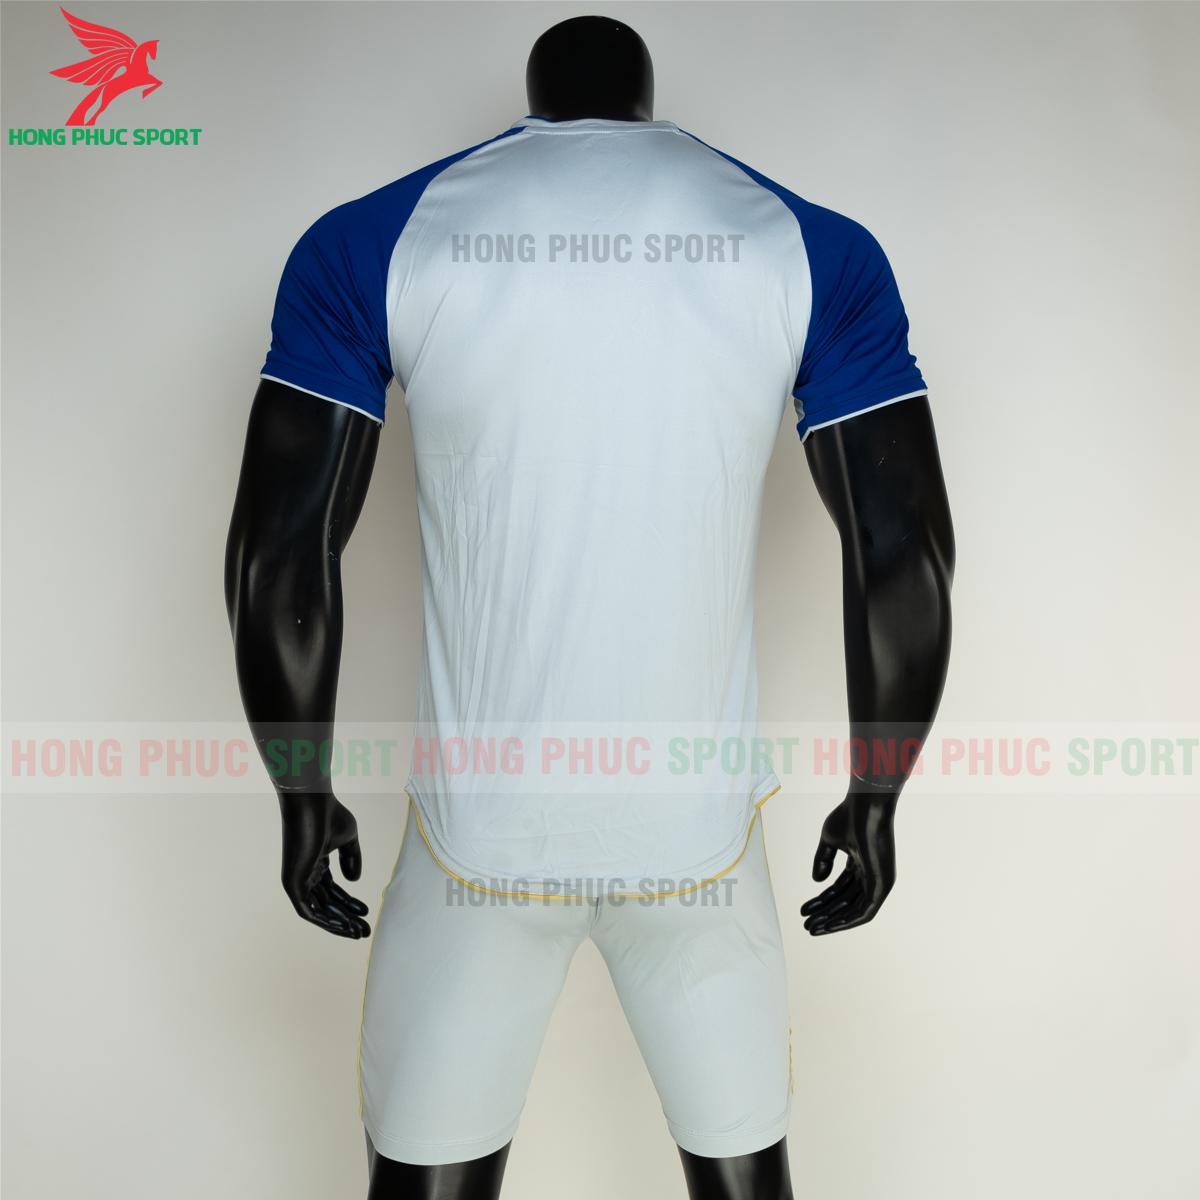 https://cdn.hongphucsport.com/unsafe/s4.shopbay.vn/files/285/ao-bong-da-khong-logo-riki-grambor-mau-xanh-duong-8-605061416f511.png